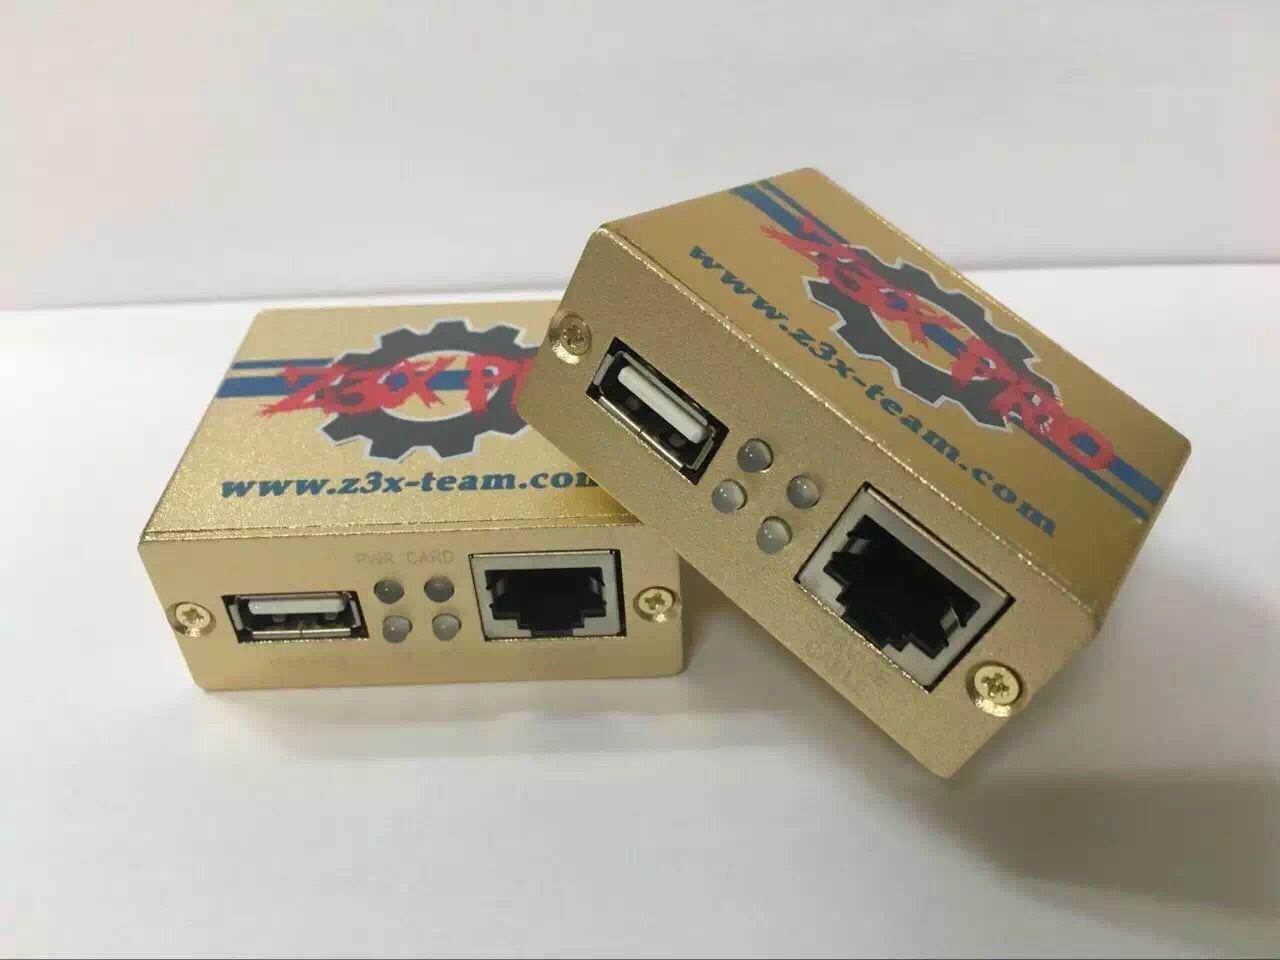 Ufs3 box usb